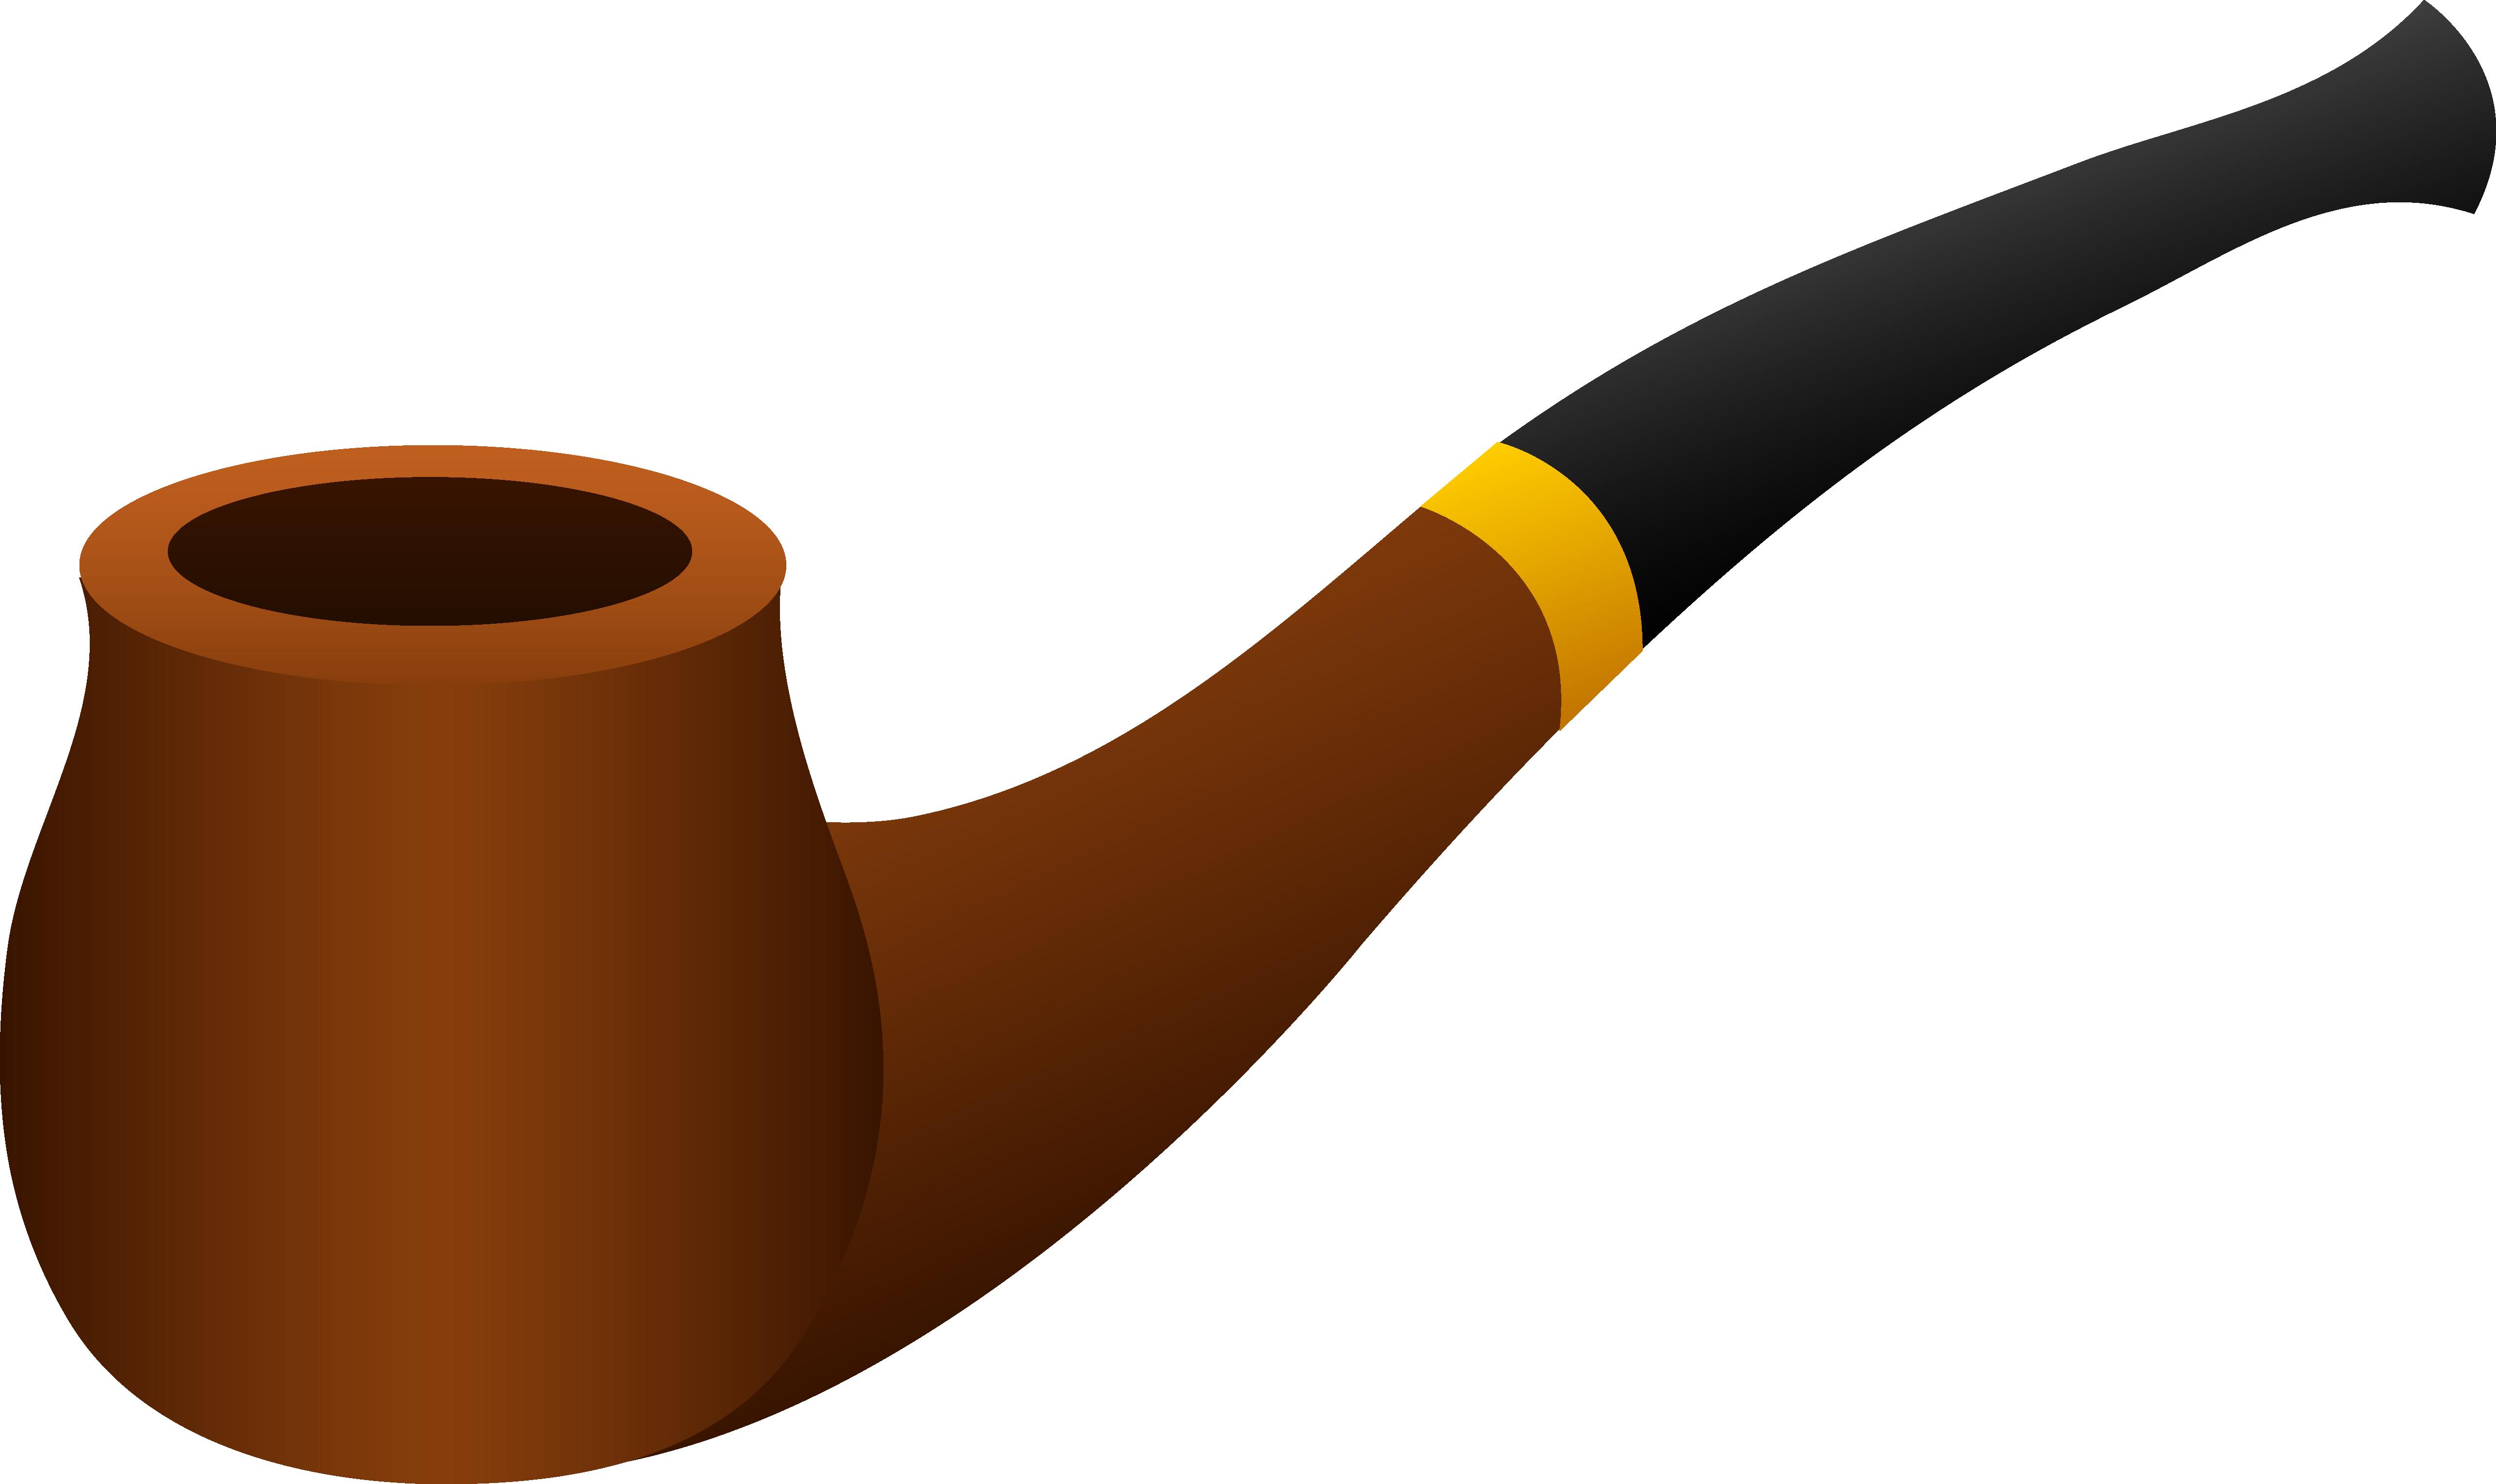 Pipe Clipart Design.